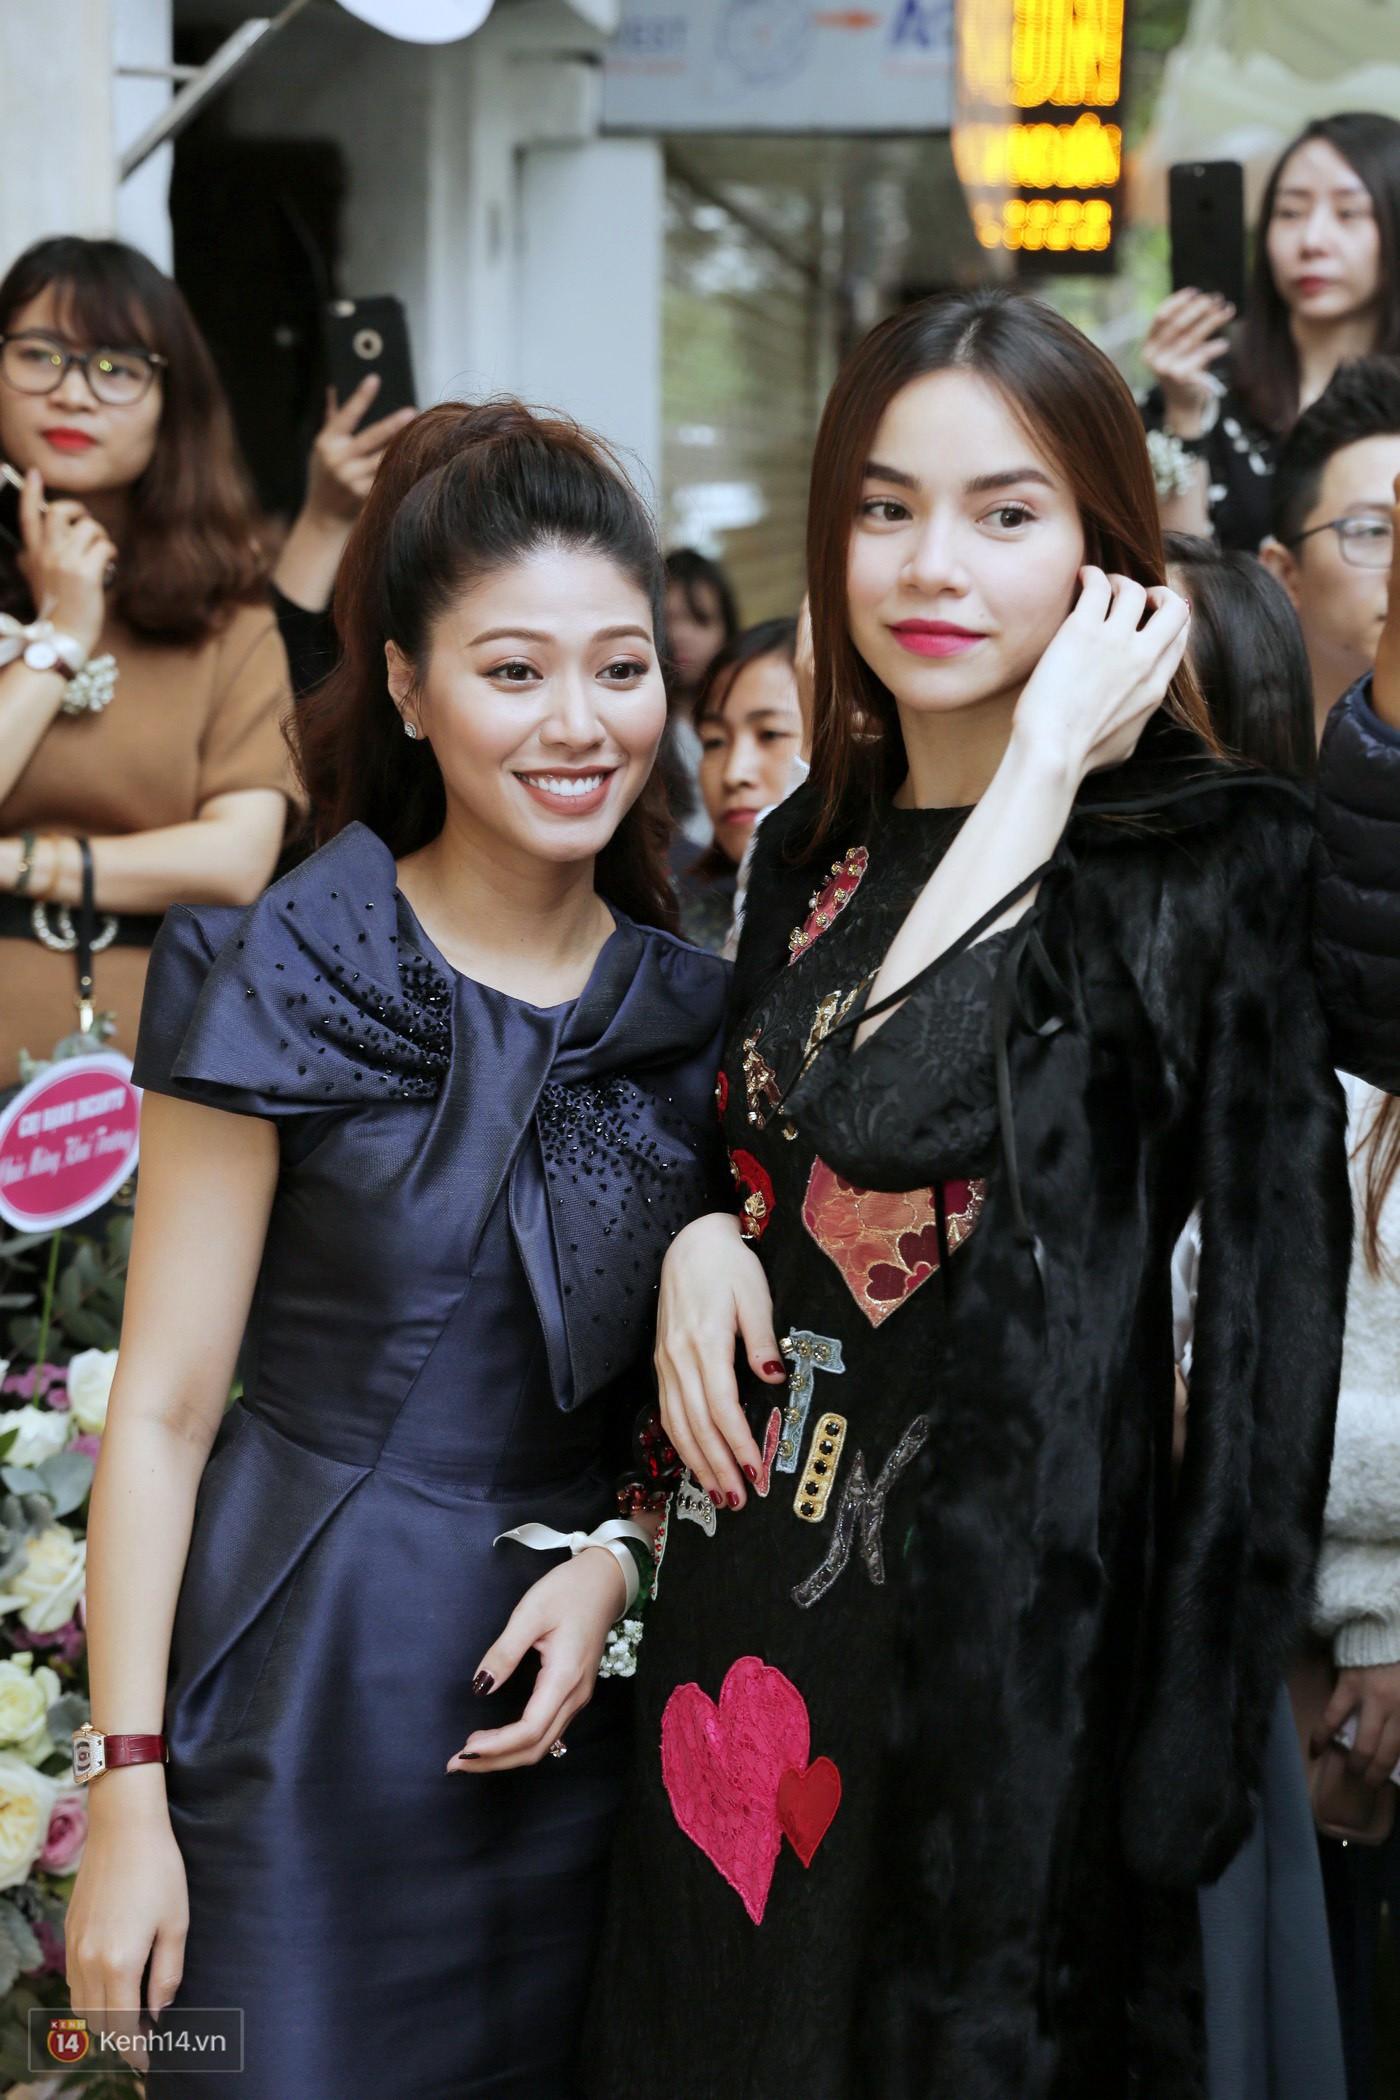 Sơn Tùng và Soobin Hoàng Sơn gây thích thú khi xuất hiện như anh em sinh đôi tại sự kiện - Ảnh 17.